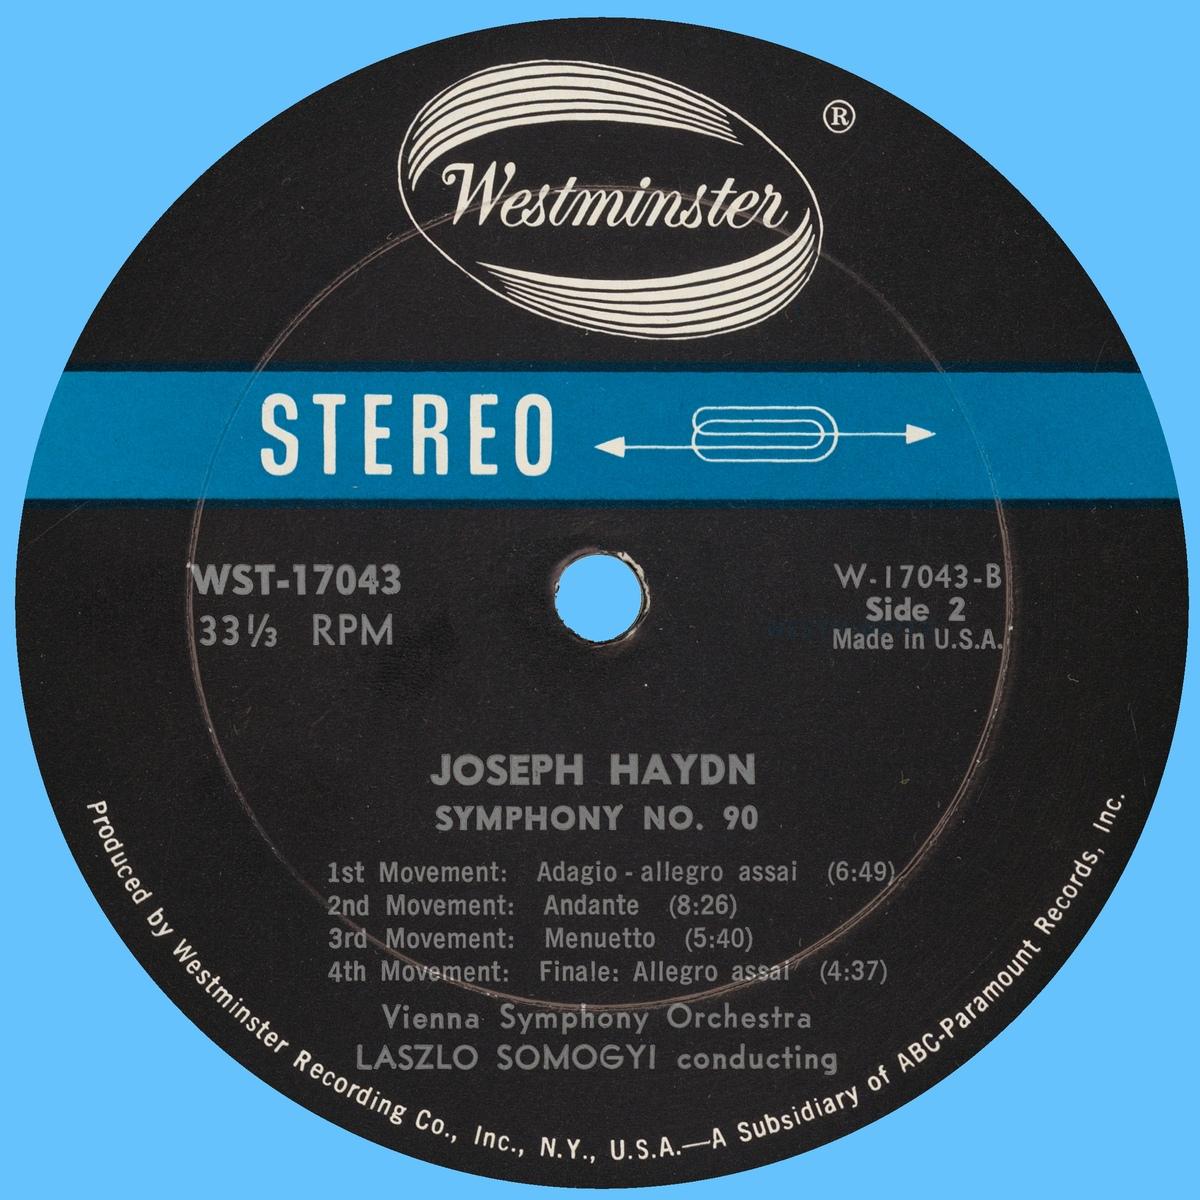 Étiquette verso du disque Westminster WST 17043